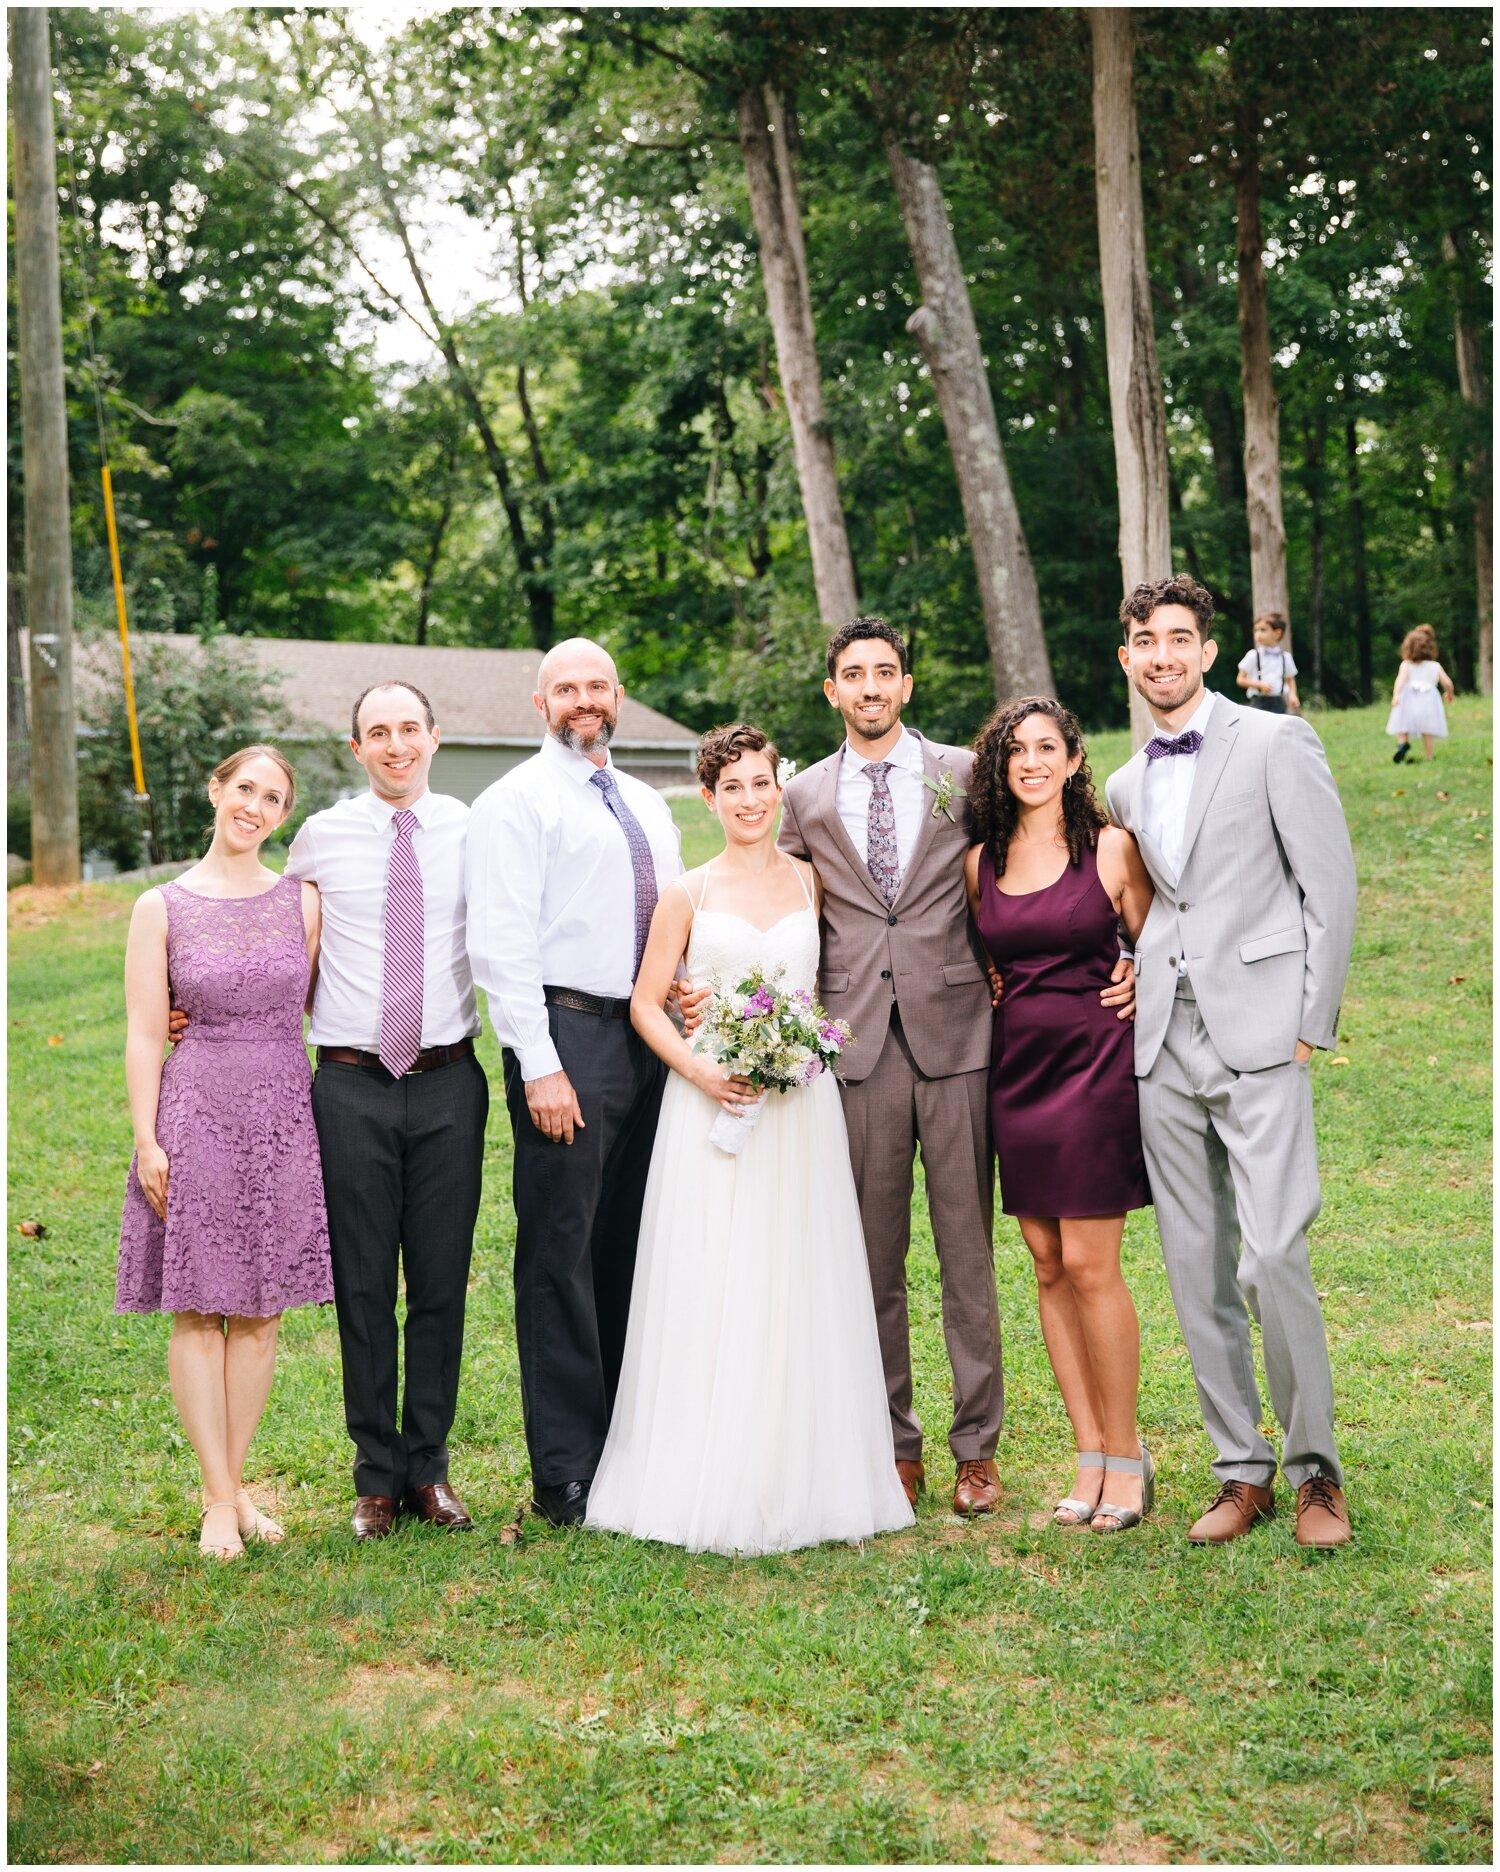 Camp Laurelwood Wedding - Leah + Yoni_0090.jpg